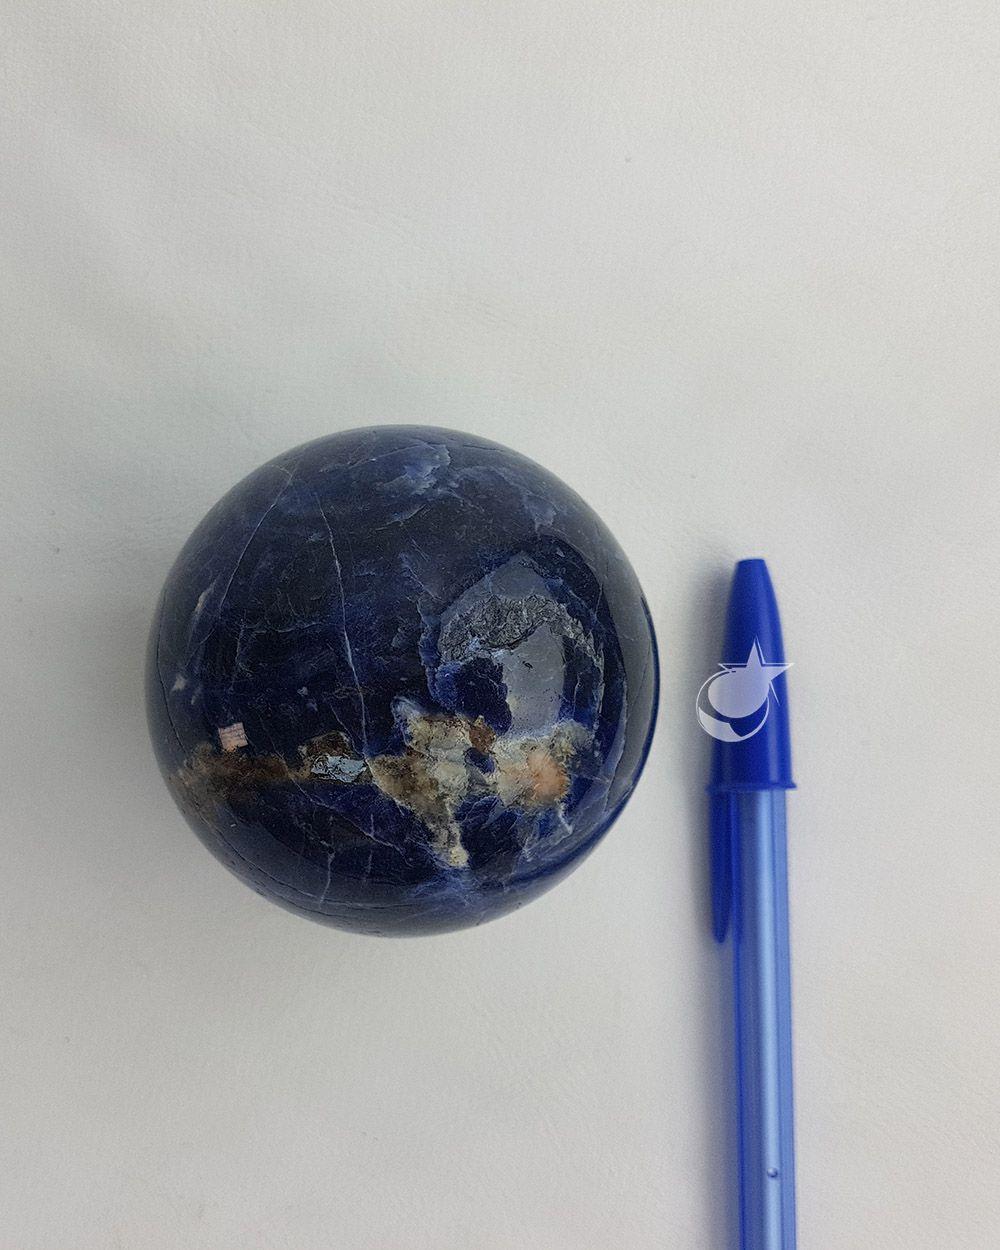 BOLA DE SODALITA - 6,1 cm